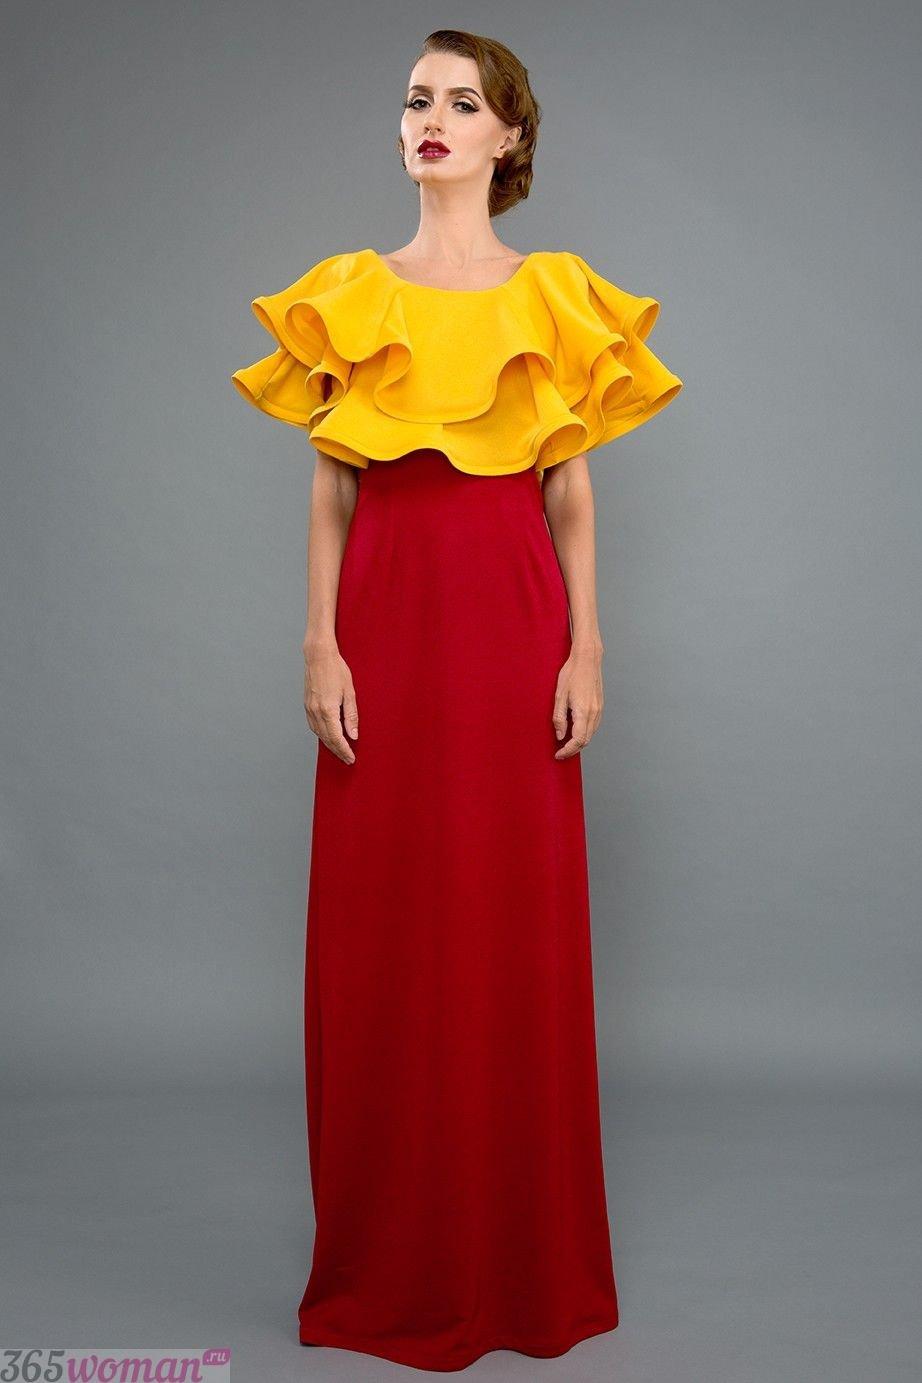 В каком цвете встречать 2021 год быка: красное длинное платье с желтым объемным лифом